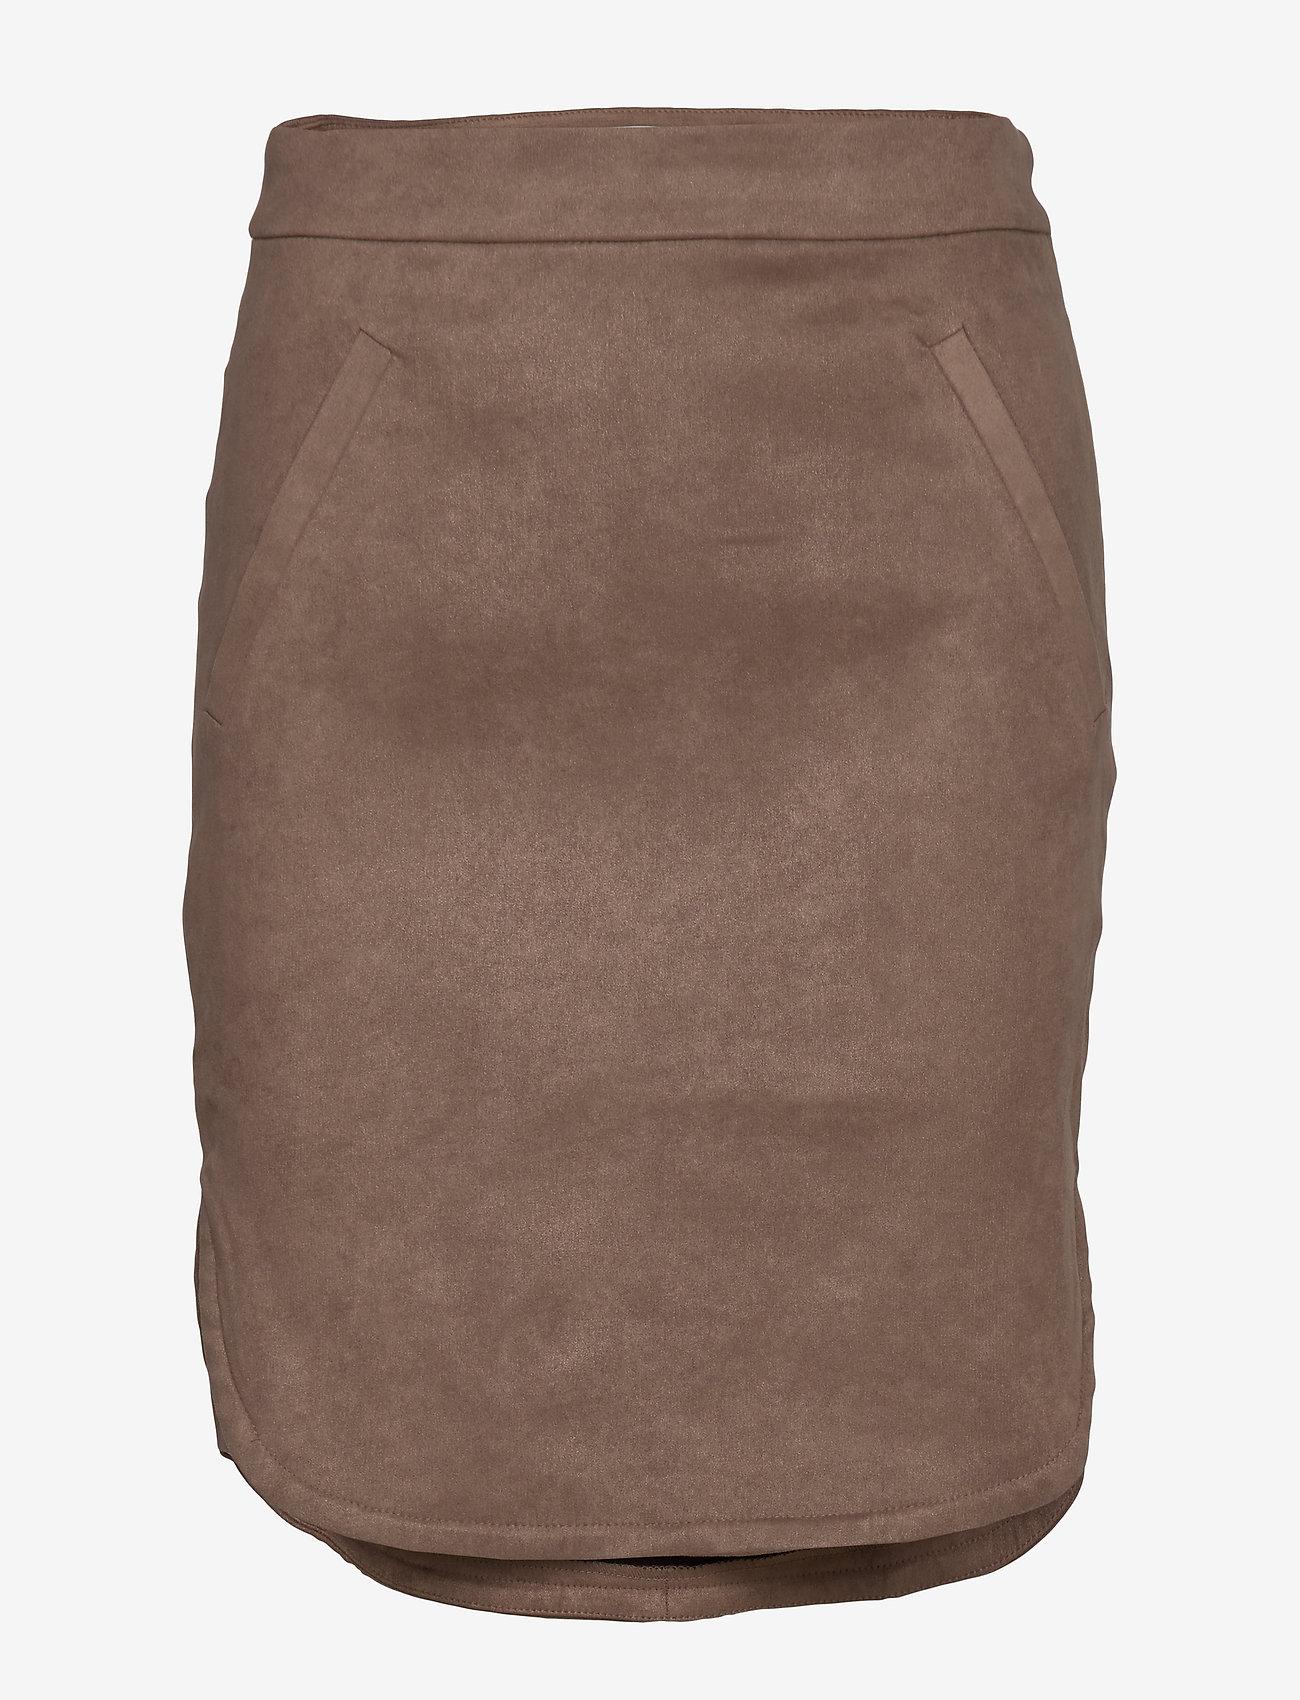 Sofie Schnoor - Skirt - midinederdele - dark brown - 0